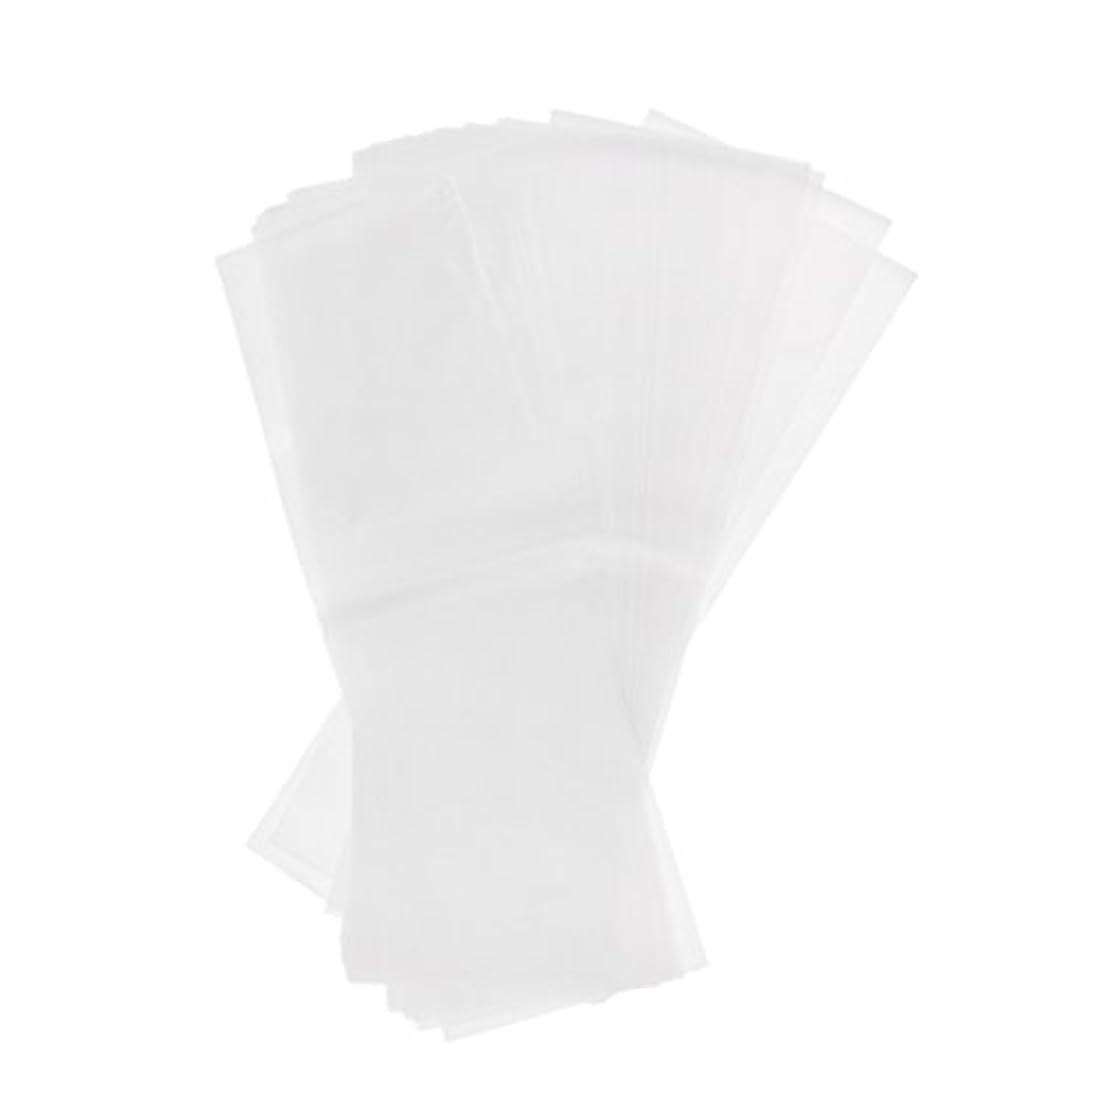 復讐カナダ影響Kesoto 約50枚 プラスチック製 染毛紙 ハイライト サロン 毛染め紙 ハイライトシート 再利用可能 2仕様選べ - ホワイト